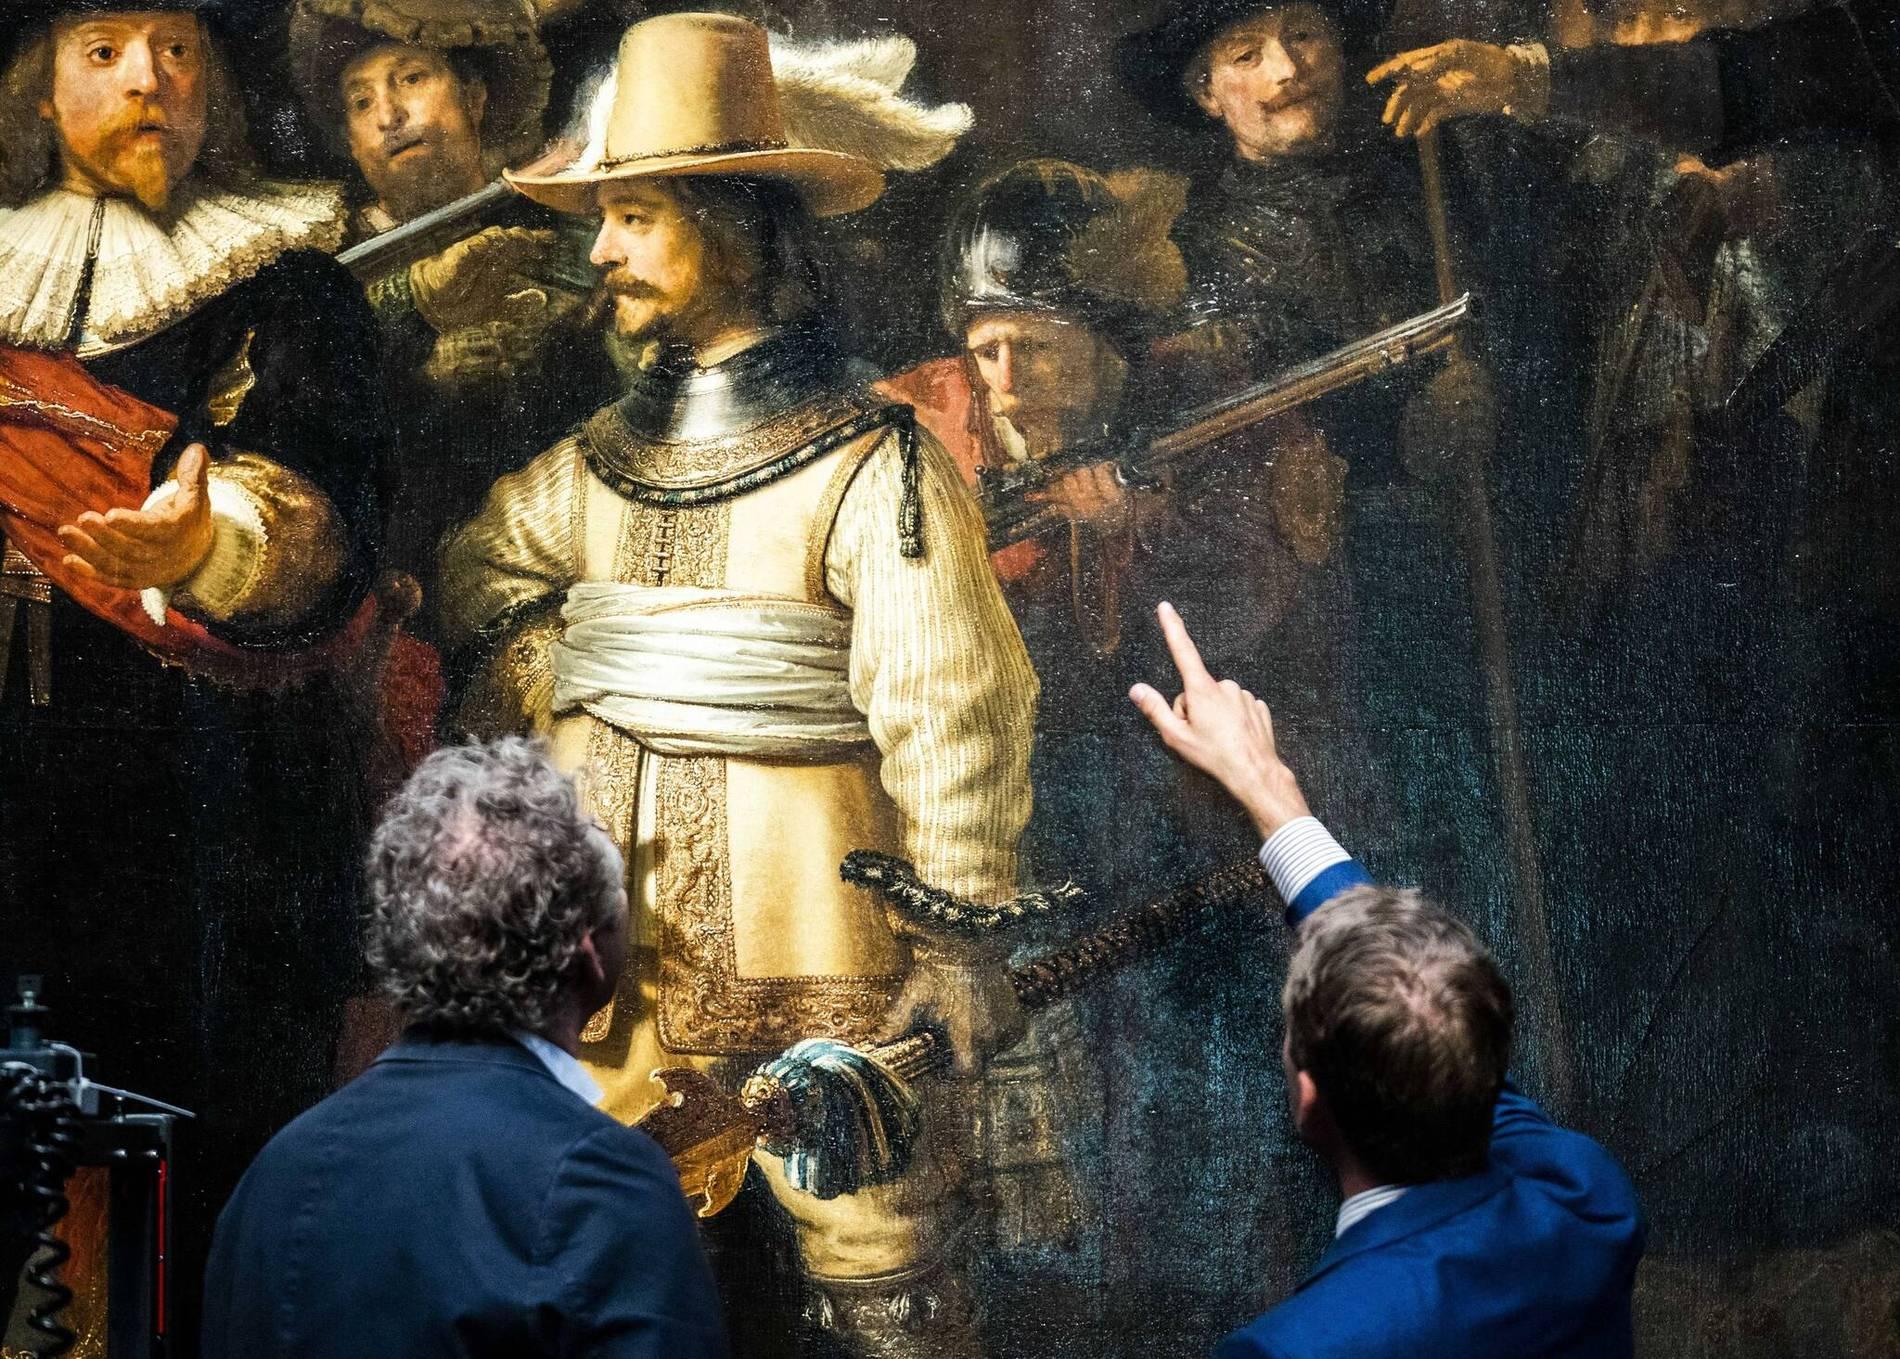 Die Nachtwache Von Rembrandt Wird Restauriert